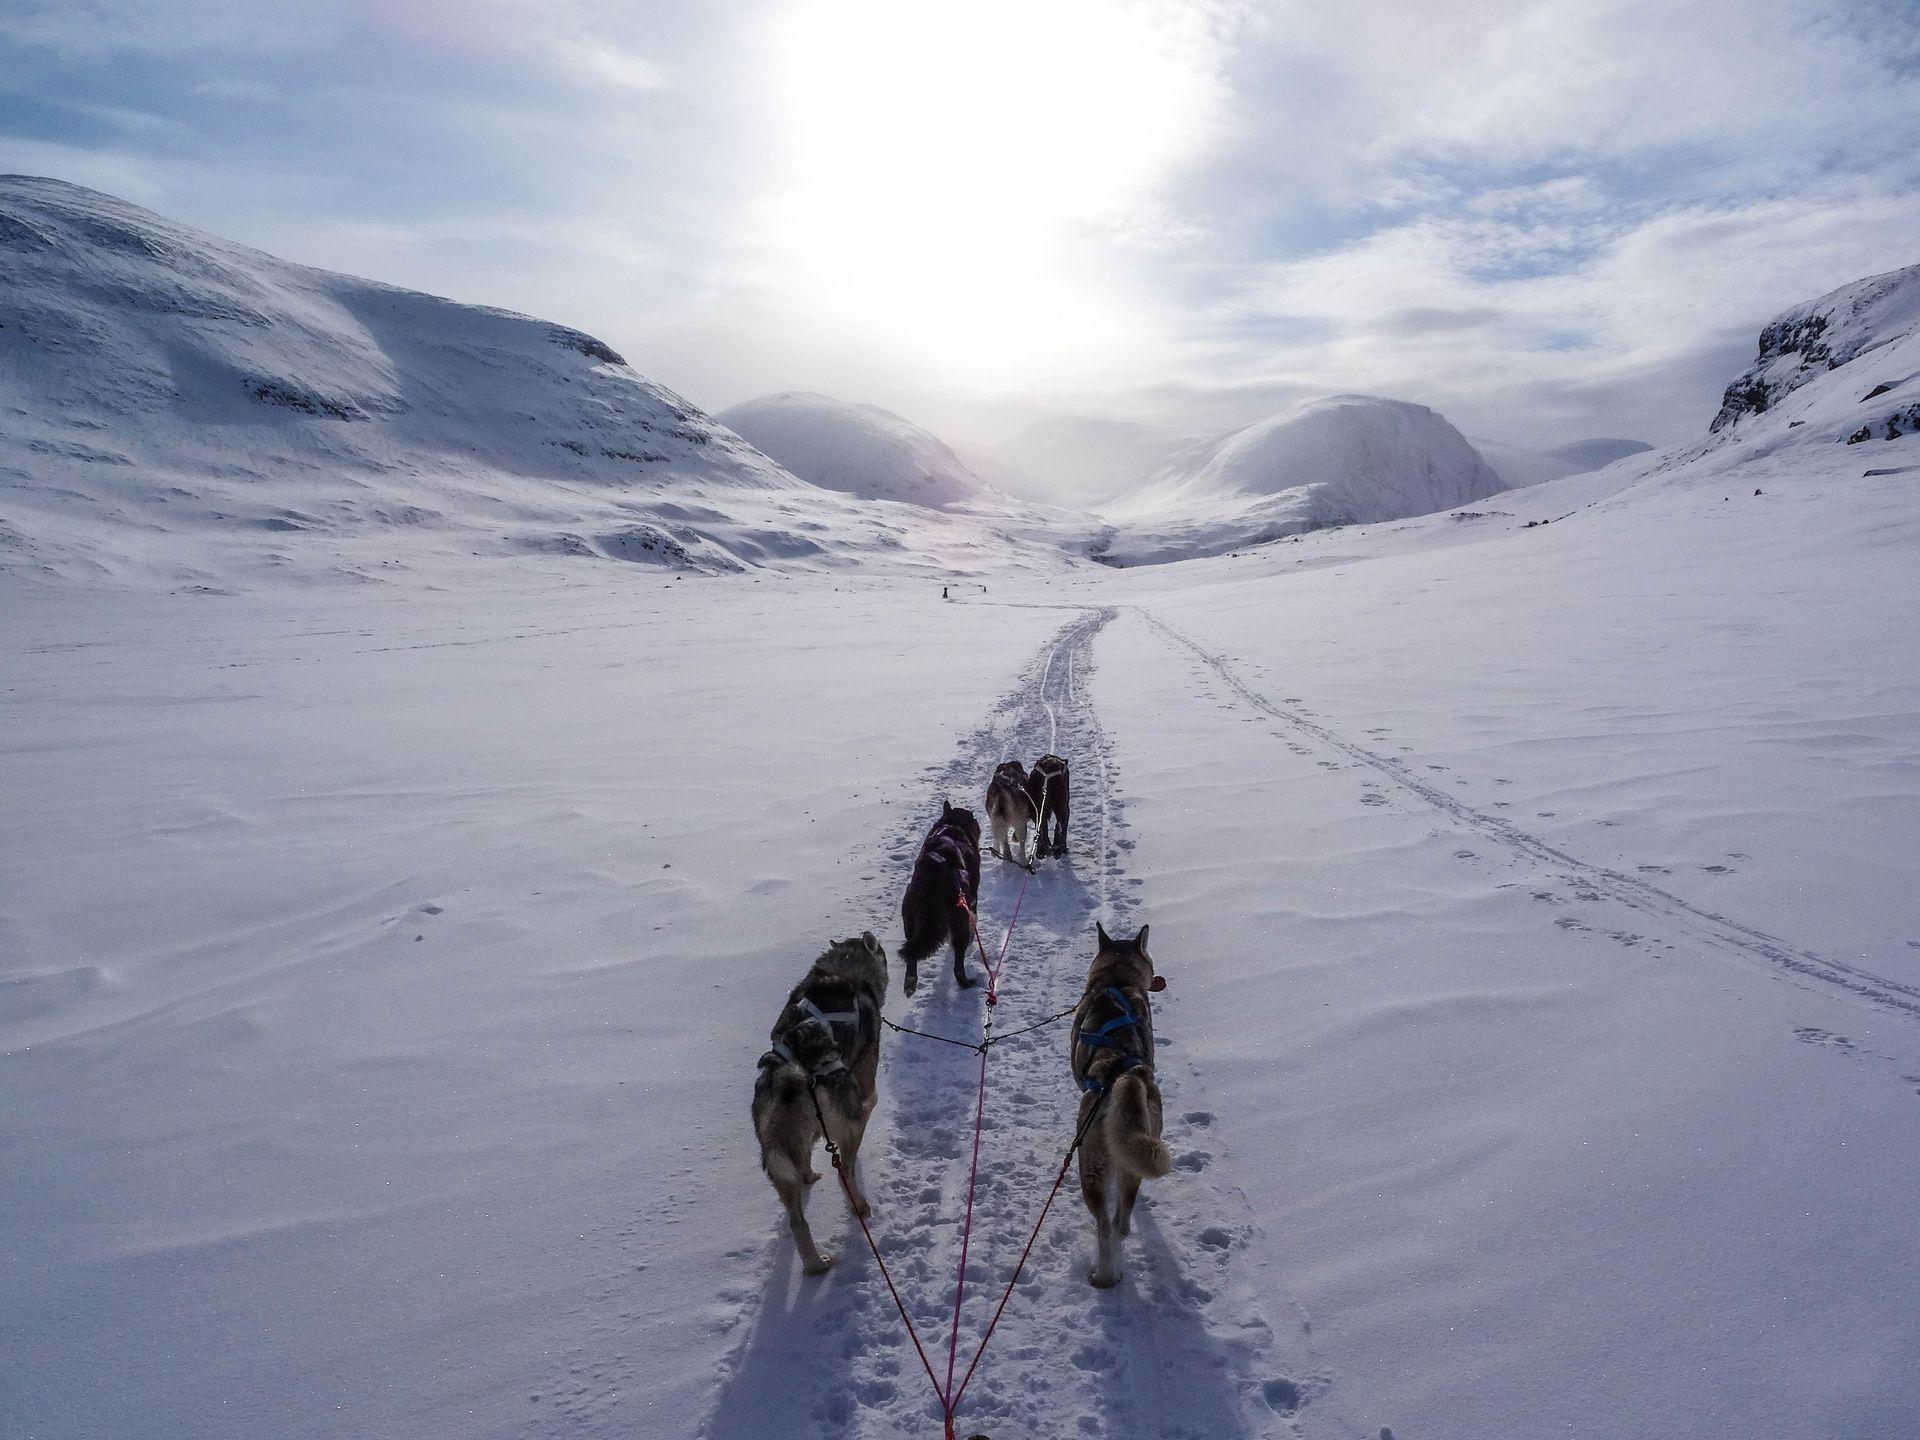 Українців запрошують на конкурс учасників антарктичної експедиції